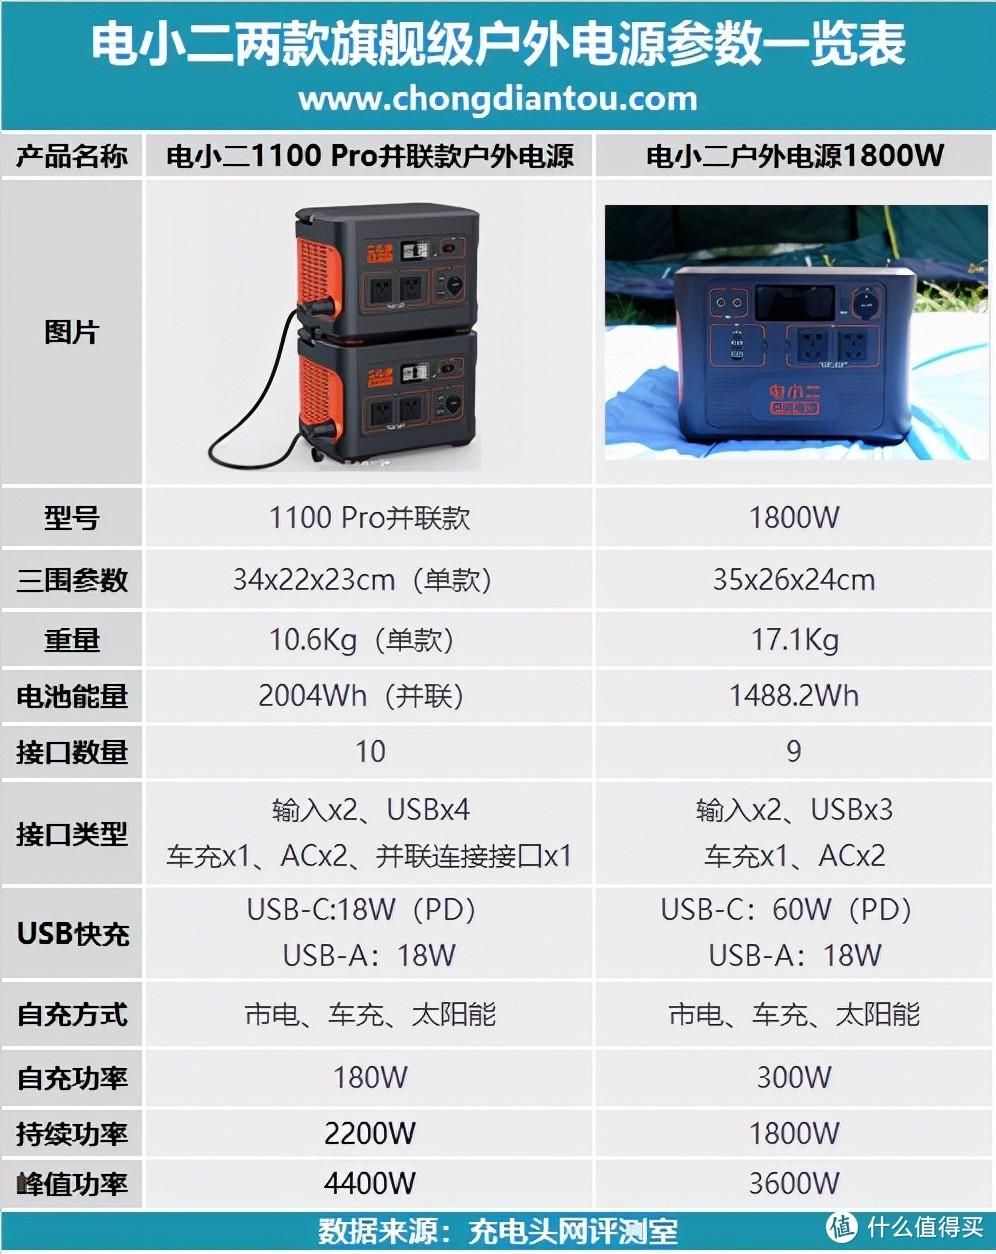 都是旗舰怎么选?解读电小二1100 Pro并联款与电小二户外电源1800W